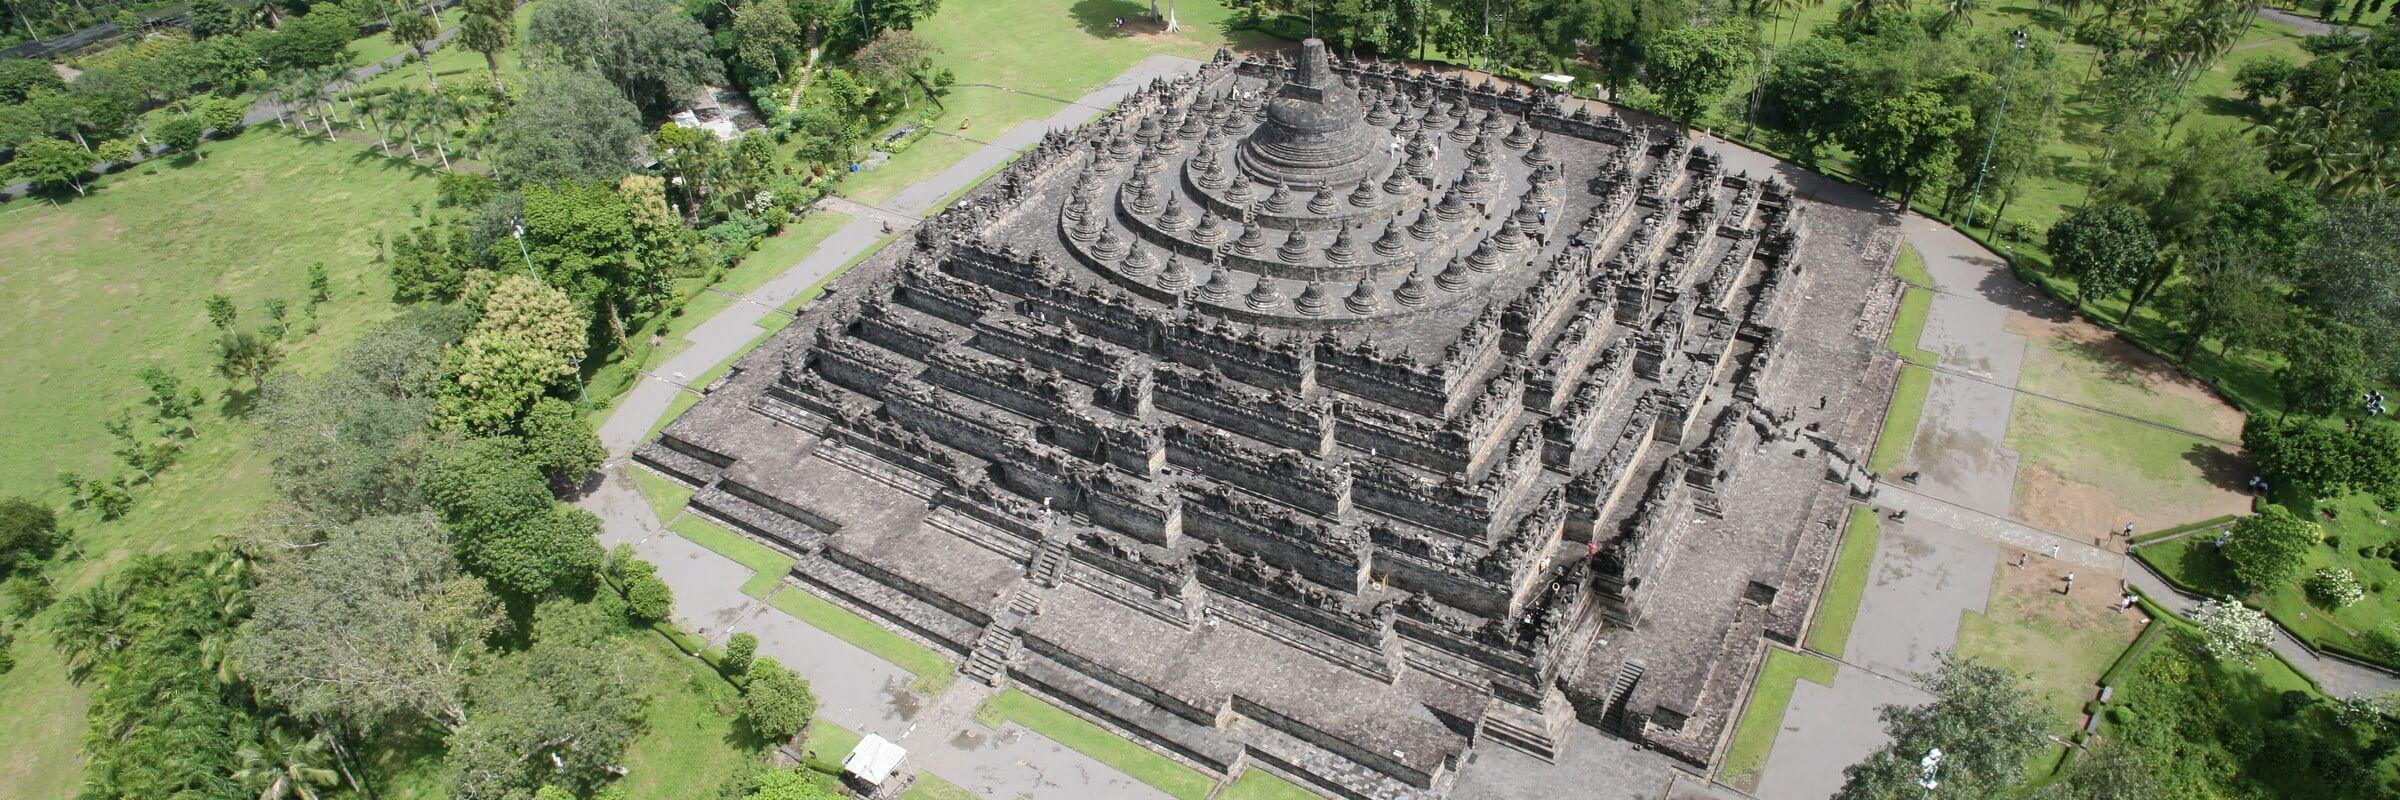 Die buddhistische Tempelanlage Borobudur ist ein einzigartiges religiöses Denkmal und eine wichtige Quelle für Informationen zur javanischen Geschichte.